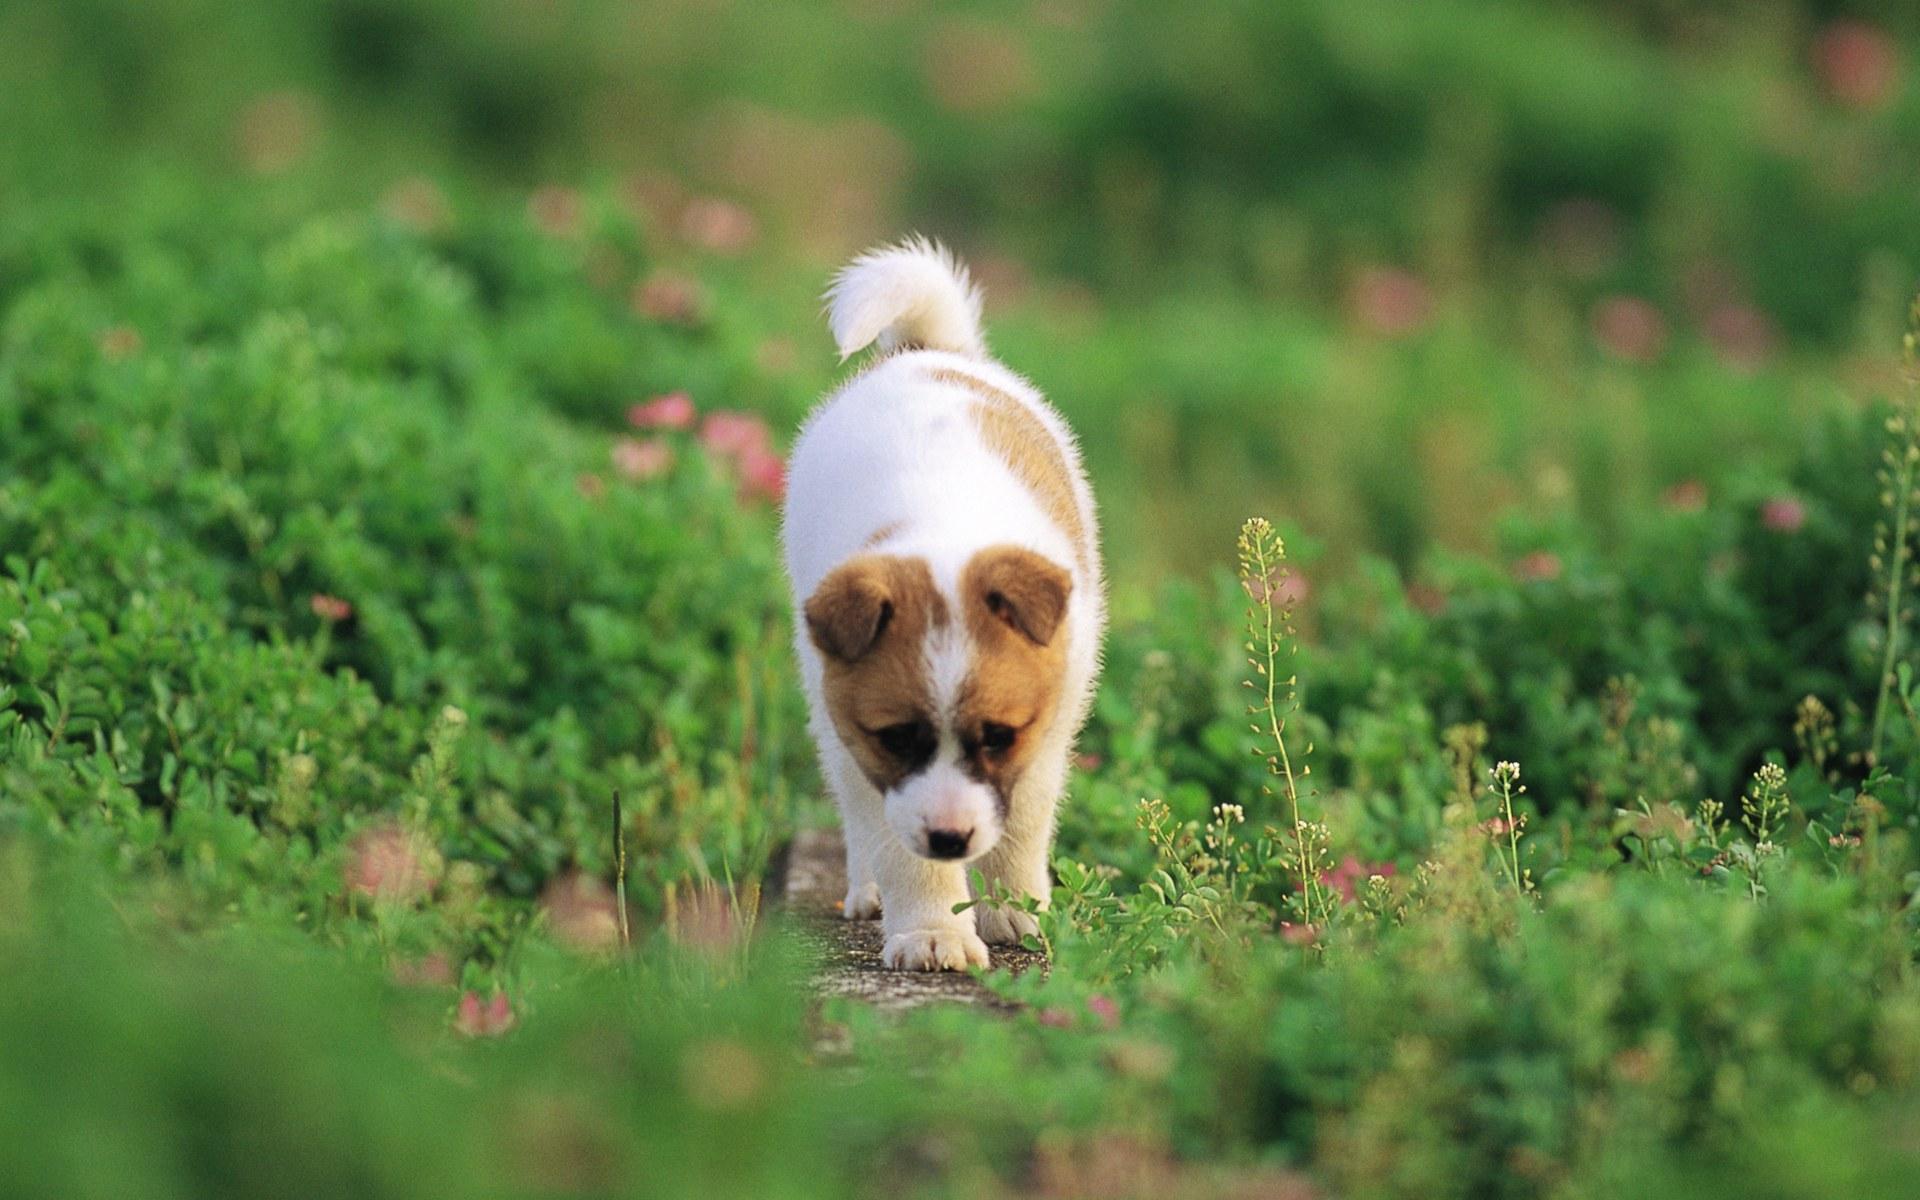 Hình nền về đôi cún con đáng yêu